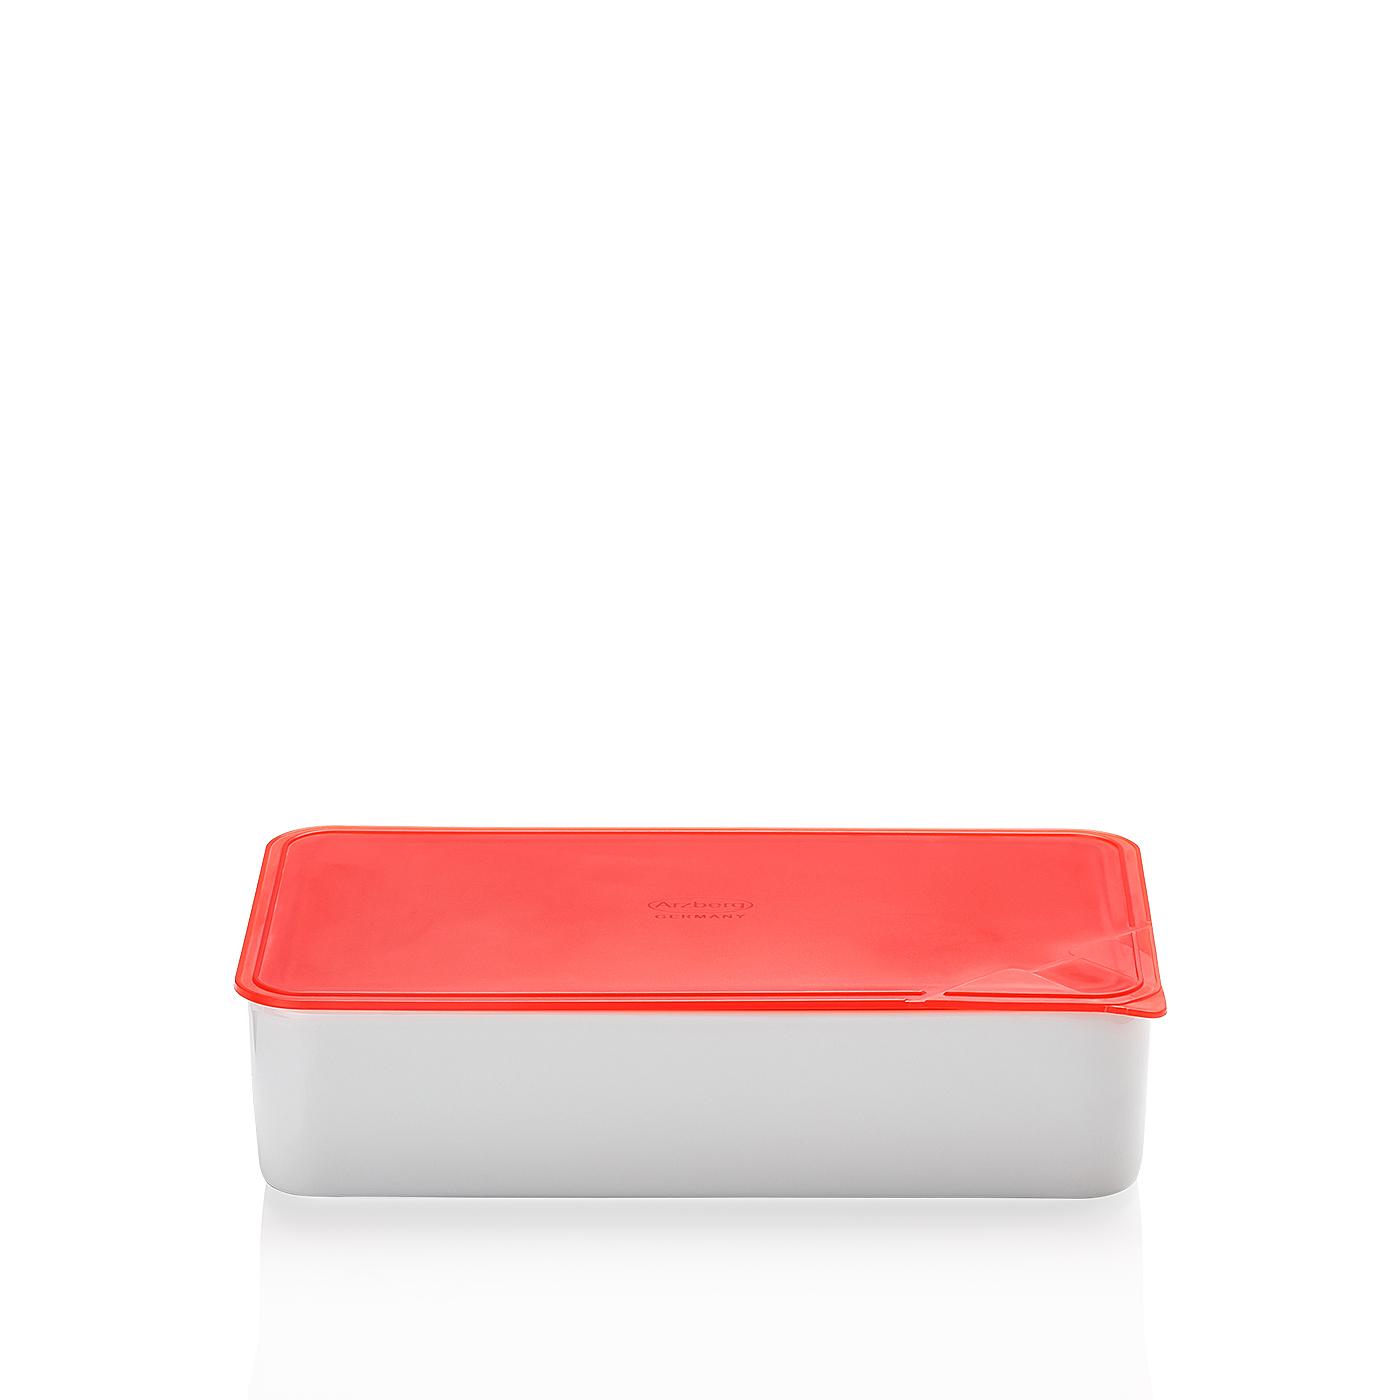 Frischebox 15x25 cm Küchenfreunde Kunststoff rot Arzberg